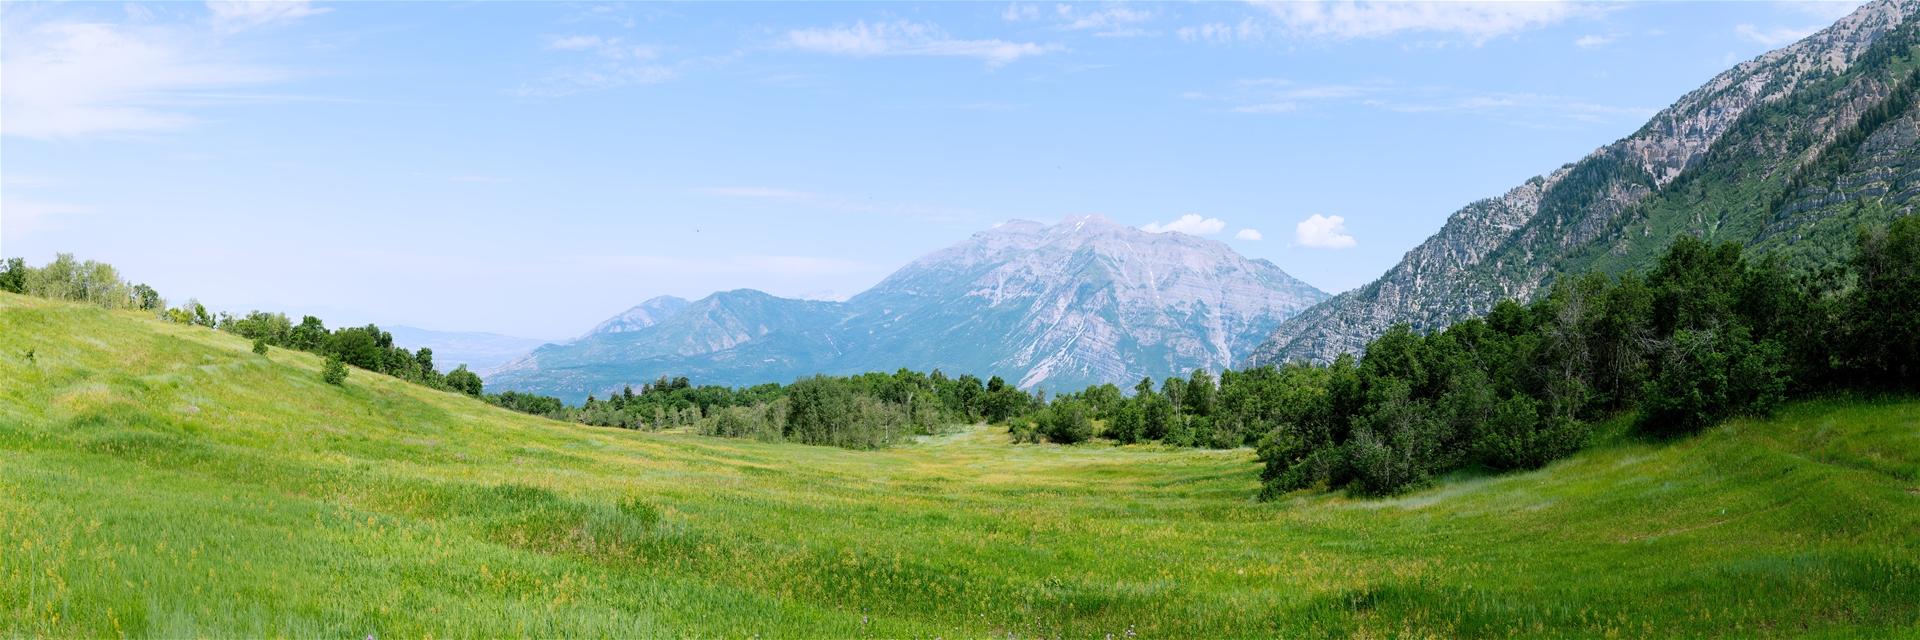 Mountain Meadows Deer Valley Utah